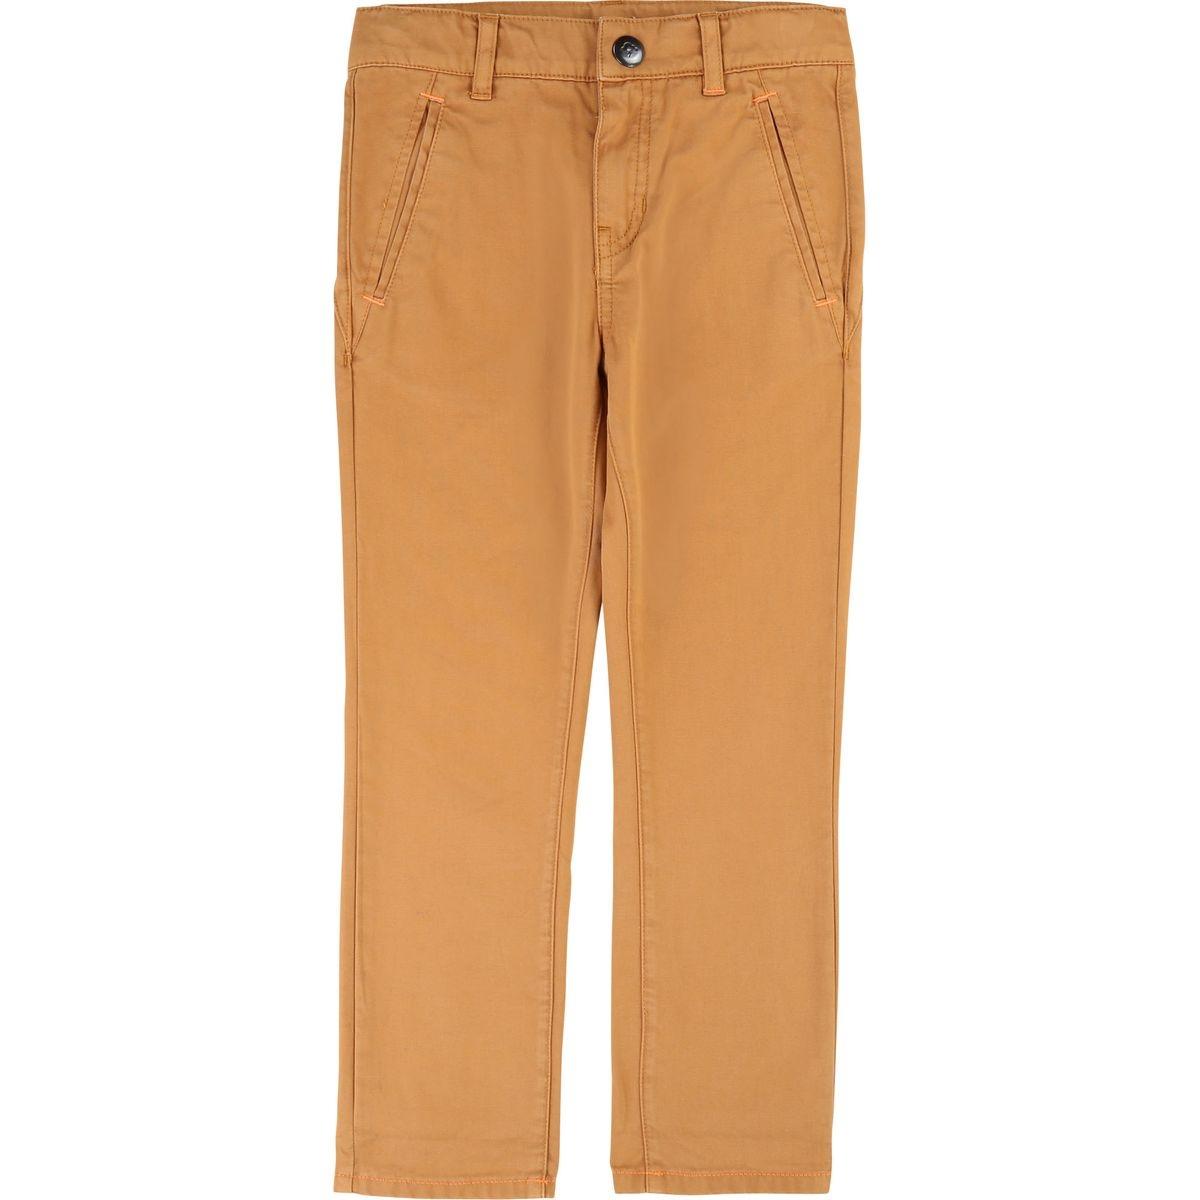 Pantalon chino twill de coton